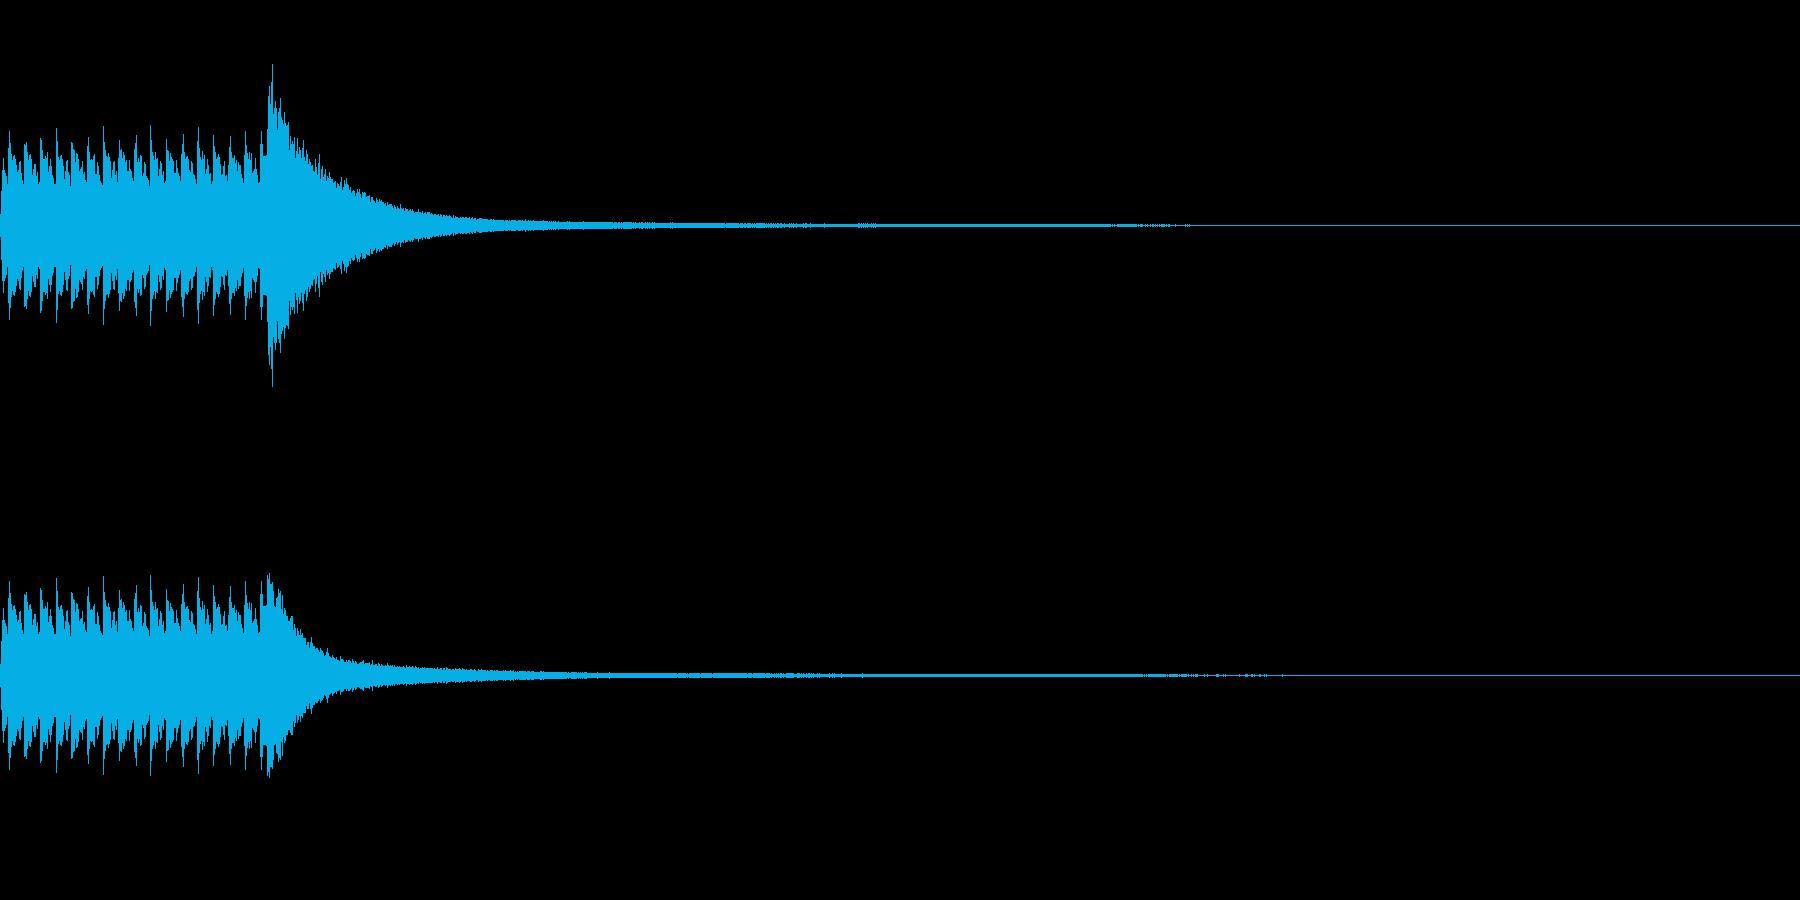 お値段発表の再生済みの波形